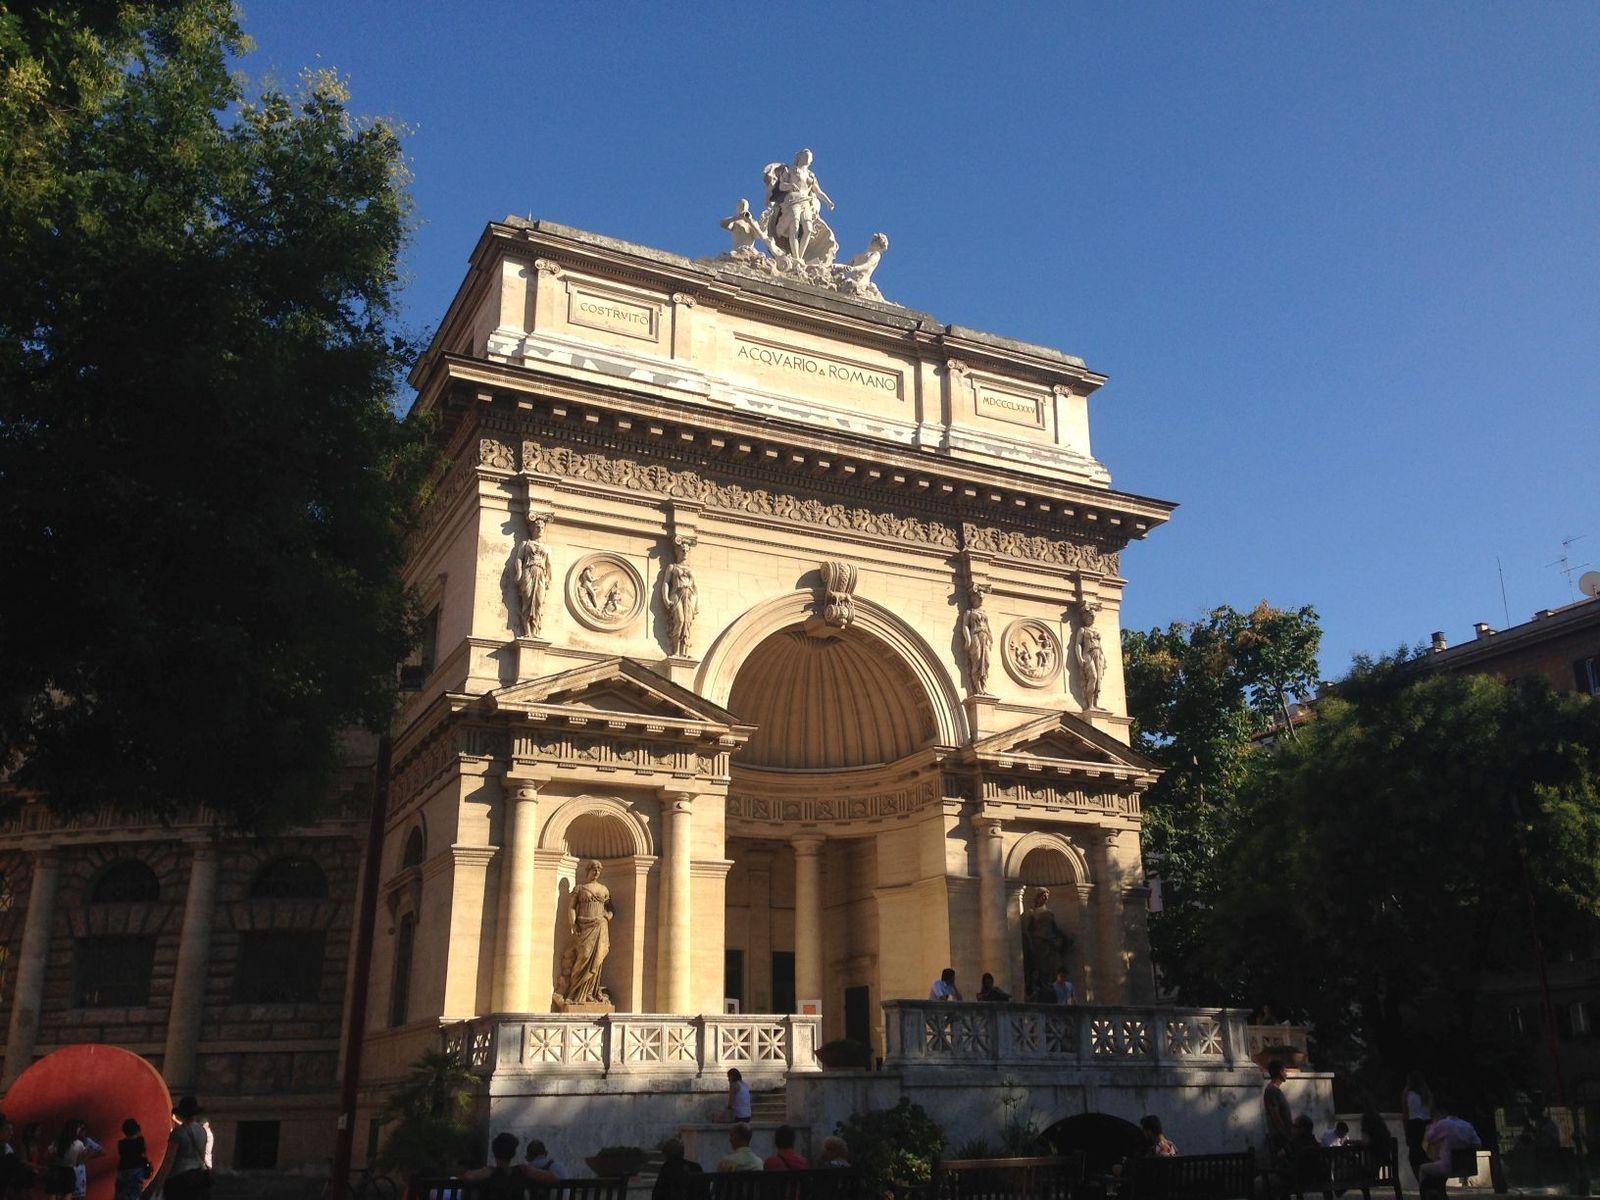 Casa dell'Architettura, Rom © Staatliche Museen zu Berlin, Ägyptisches Museum und Papyrussammlung / J. Jancziak